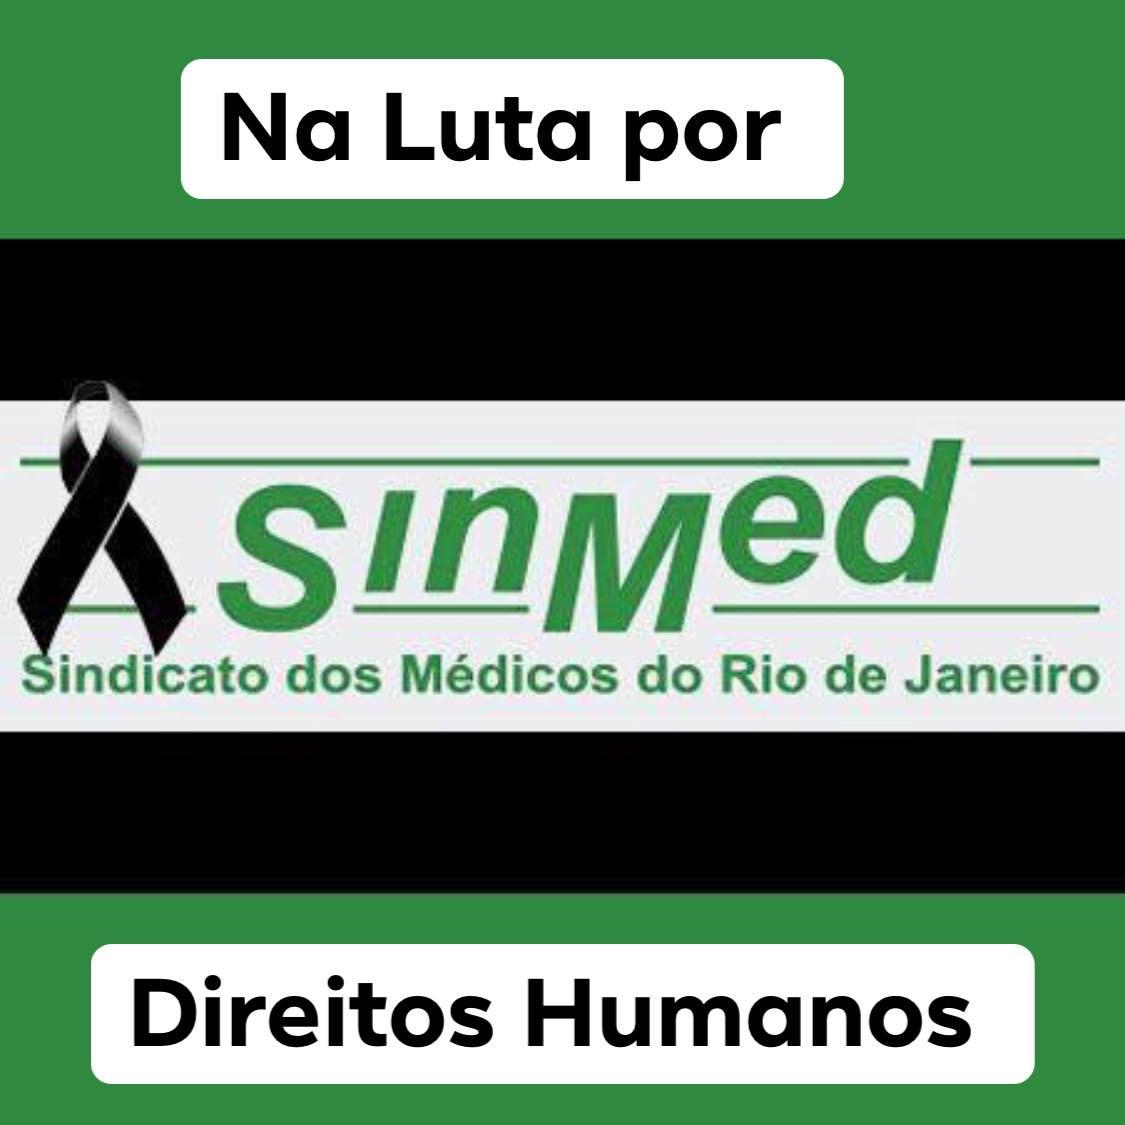 SinMed -RJ na Luta por Direitos Humanos